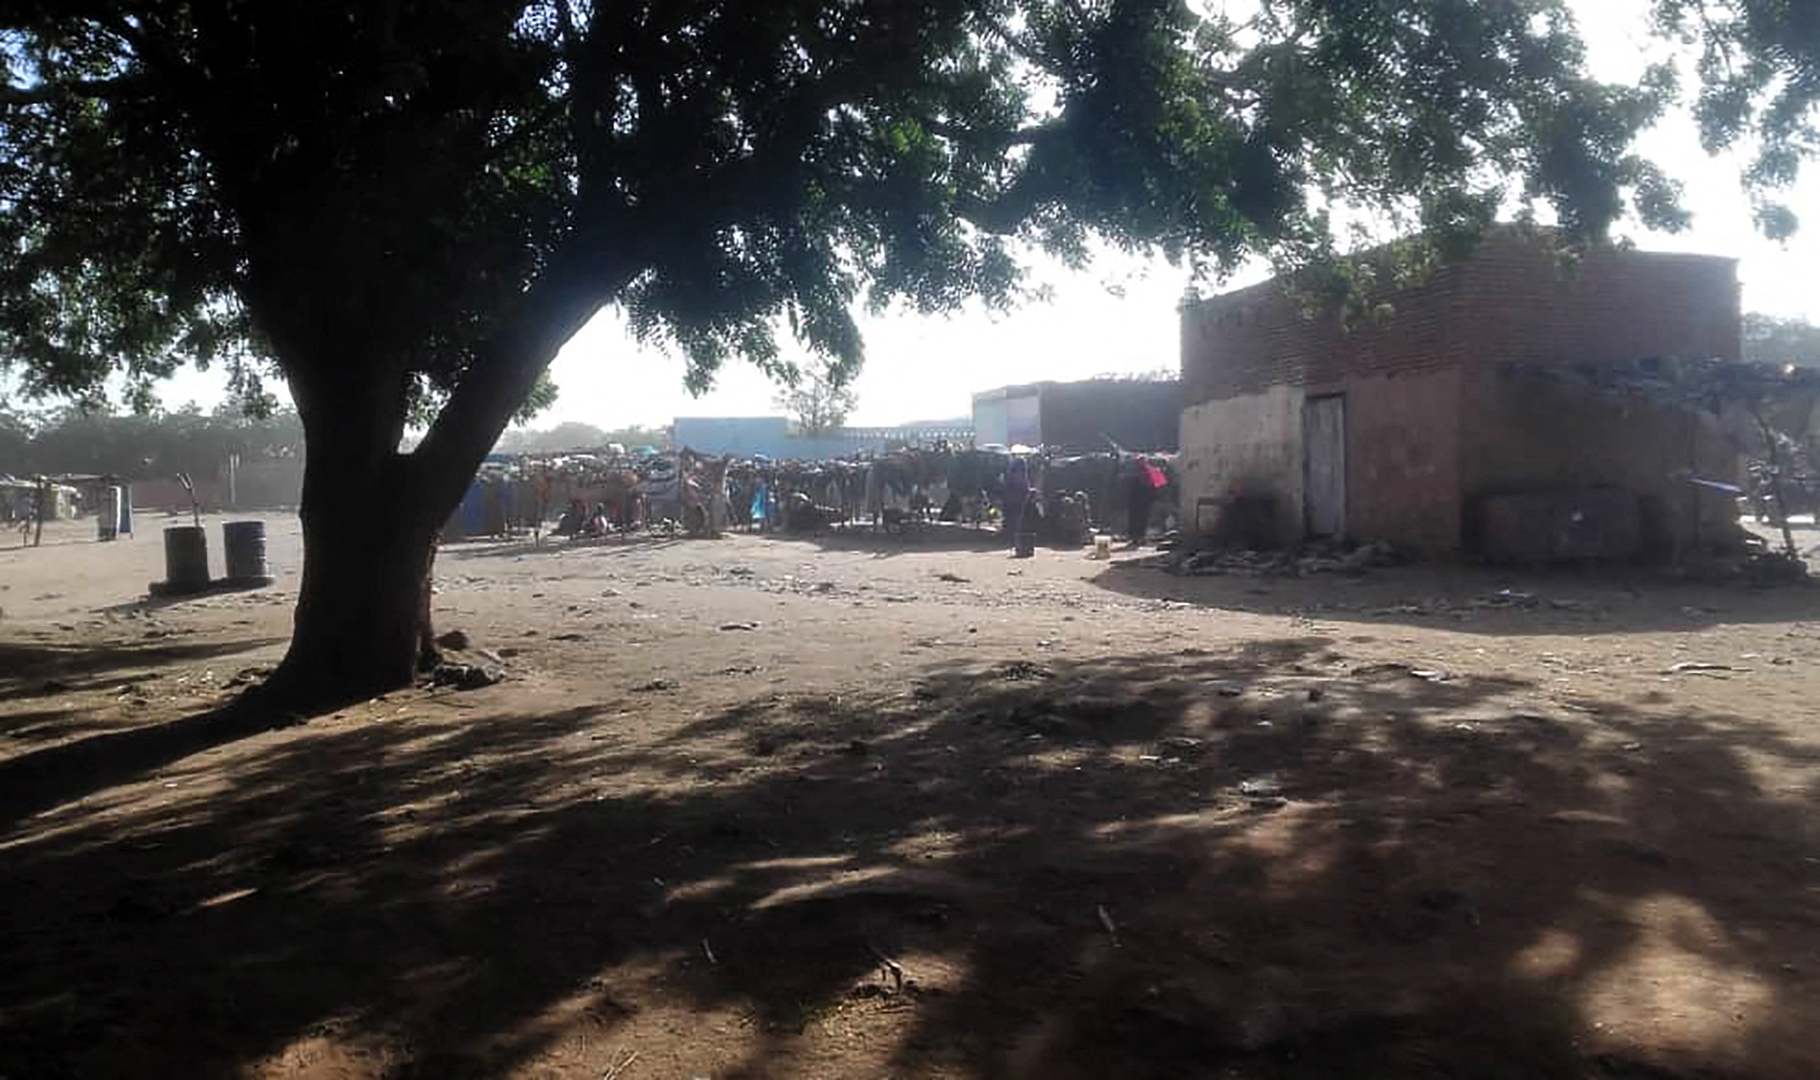 مدينة الجنينة في غرب دارفور (صورة من الأرشيف)